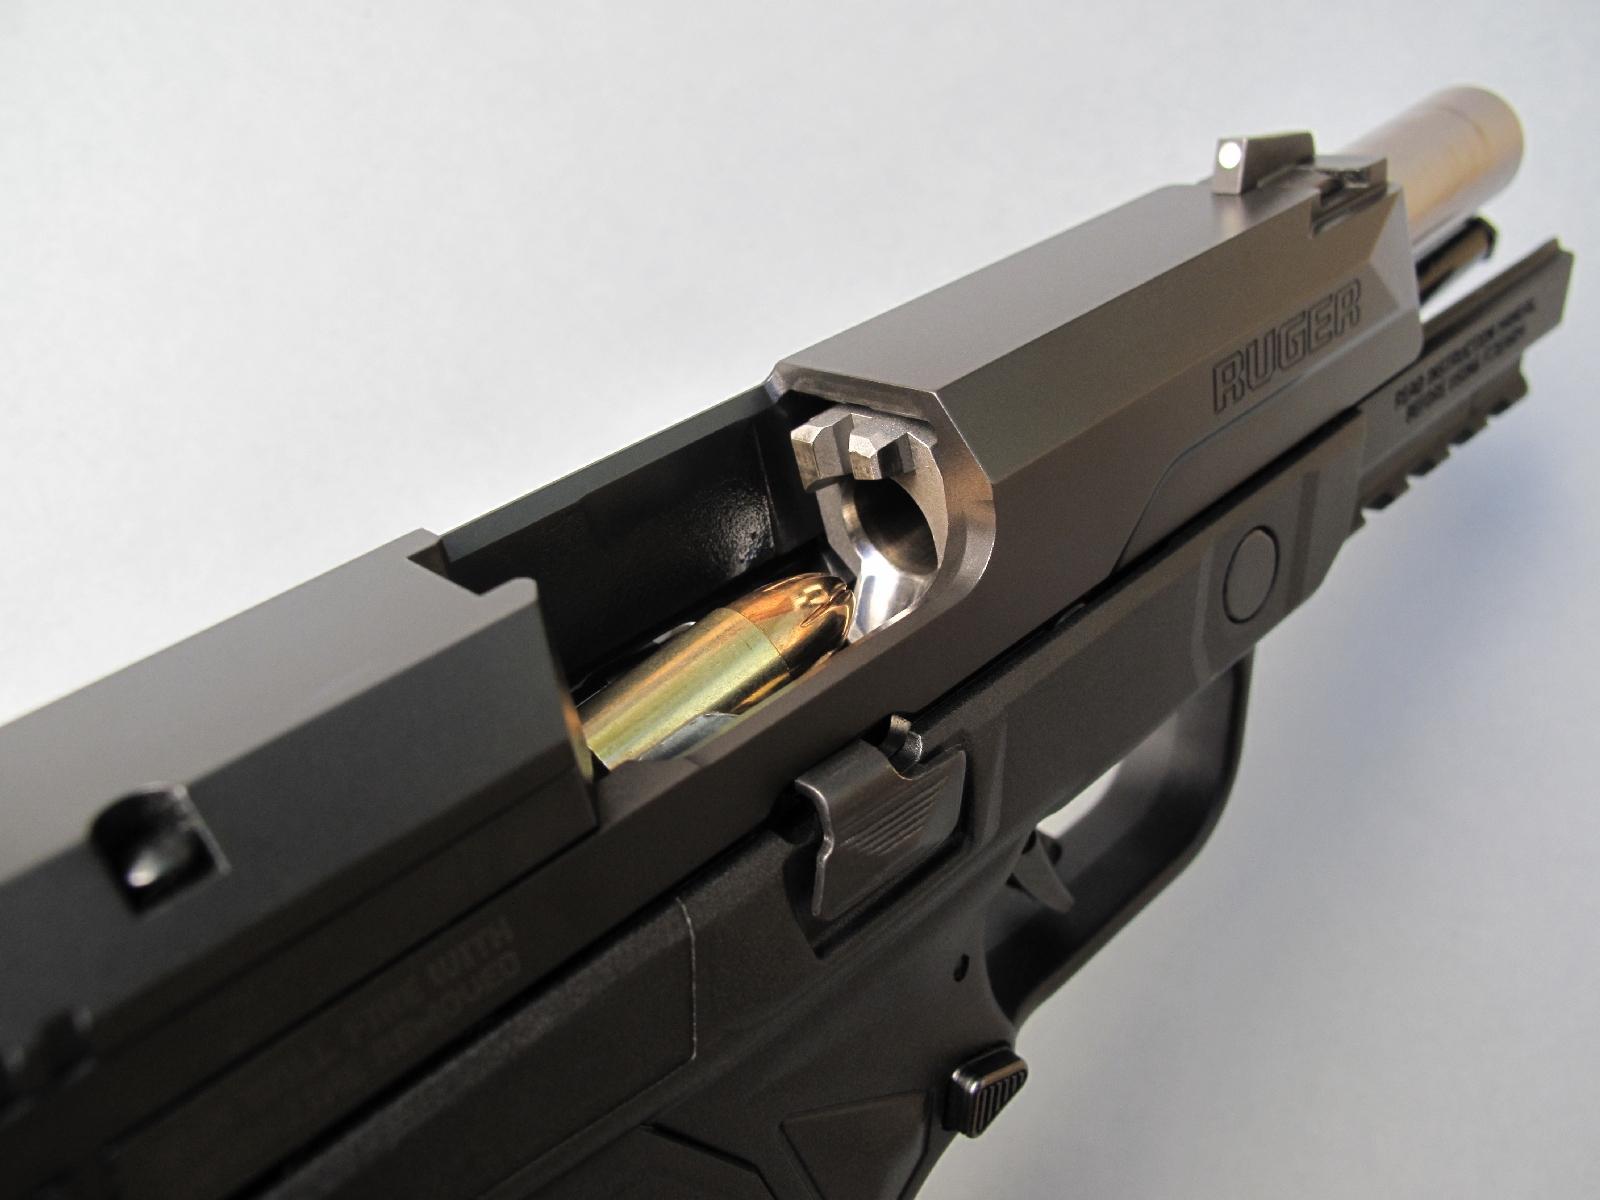 Cette vue permet d'observer, au travers de la fenêtre d'éjection, l'entrée de chambre du canon, sa courte rampe d'alimentation et la cartouche prête à être chambrée.